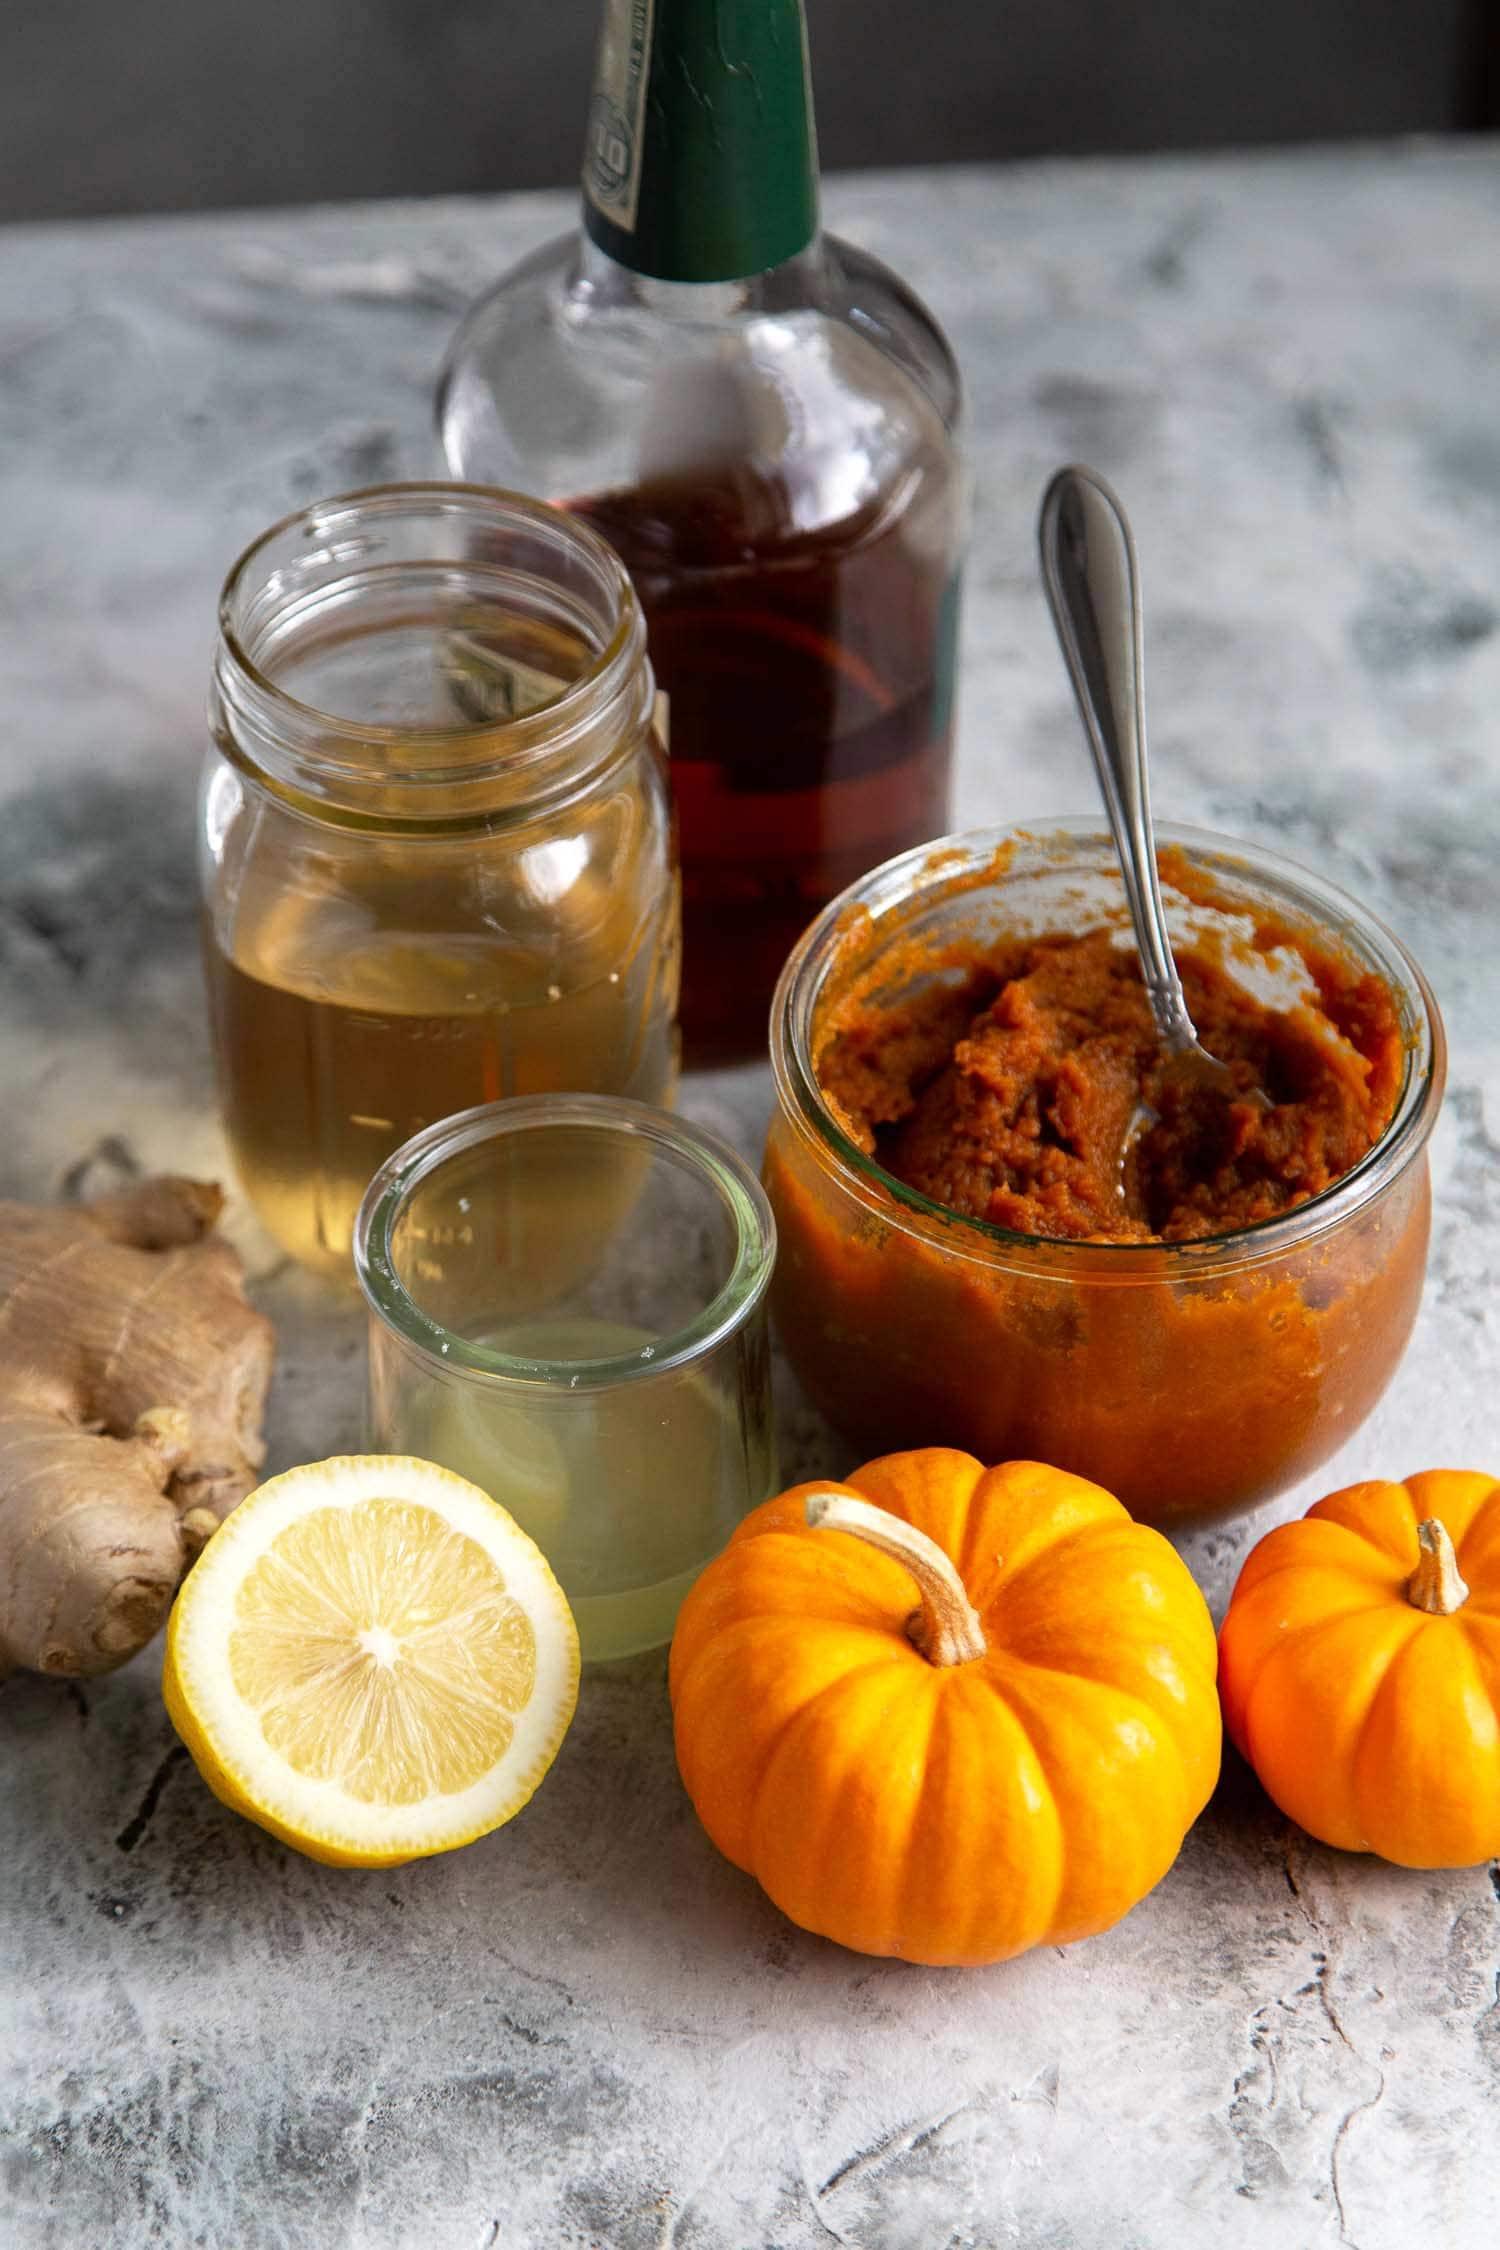 Ingredients needed to make pumpkin bourbon cocktail